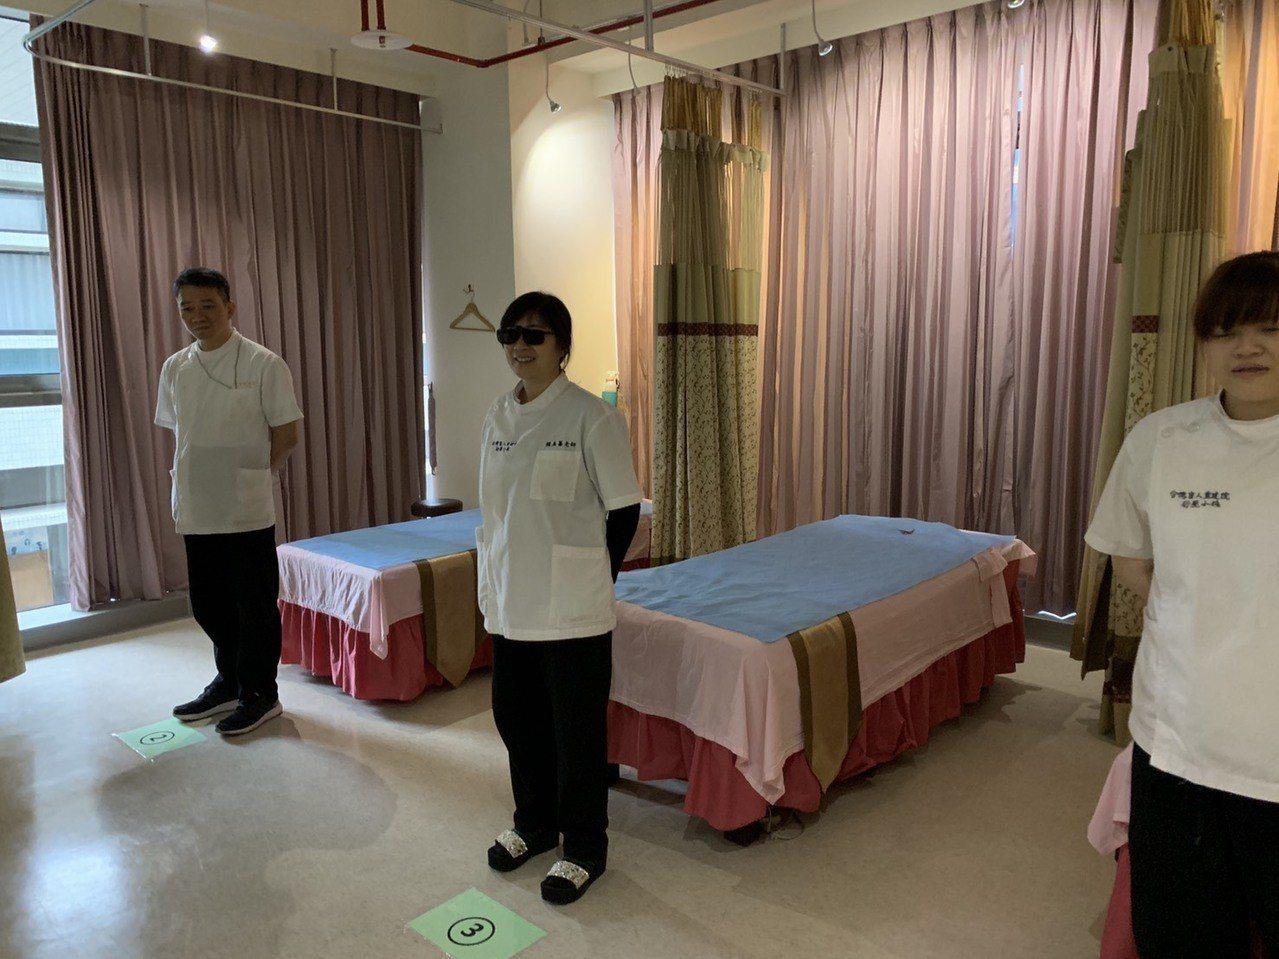 全國首座結合視障按摩師專業訓練、住宿與按摩小棧的「惠心樓」,今天正式啟用,設有全...